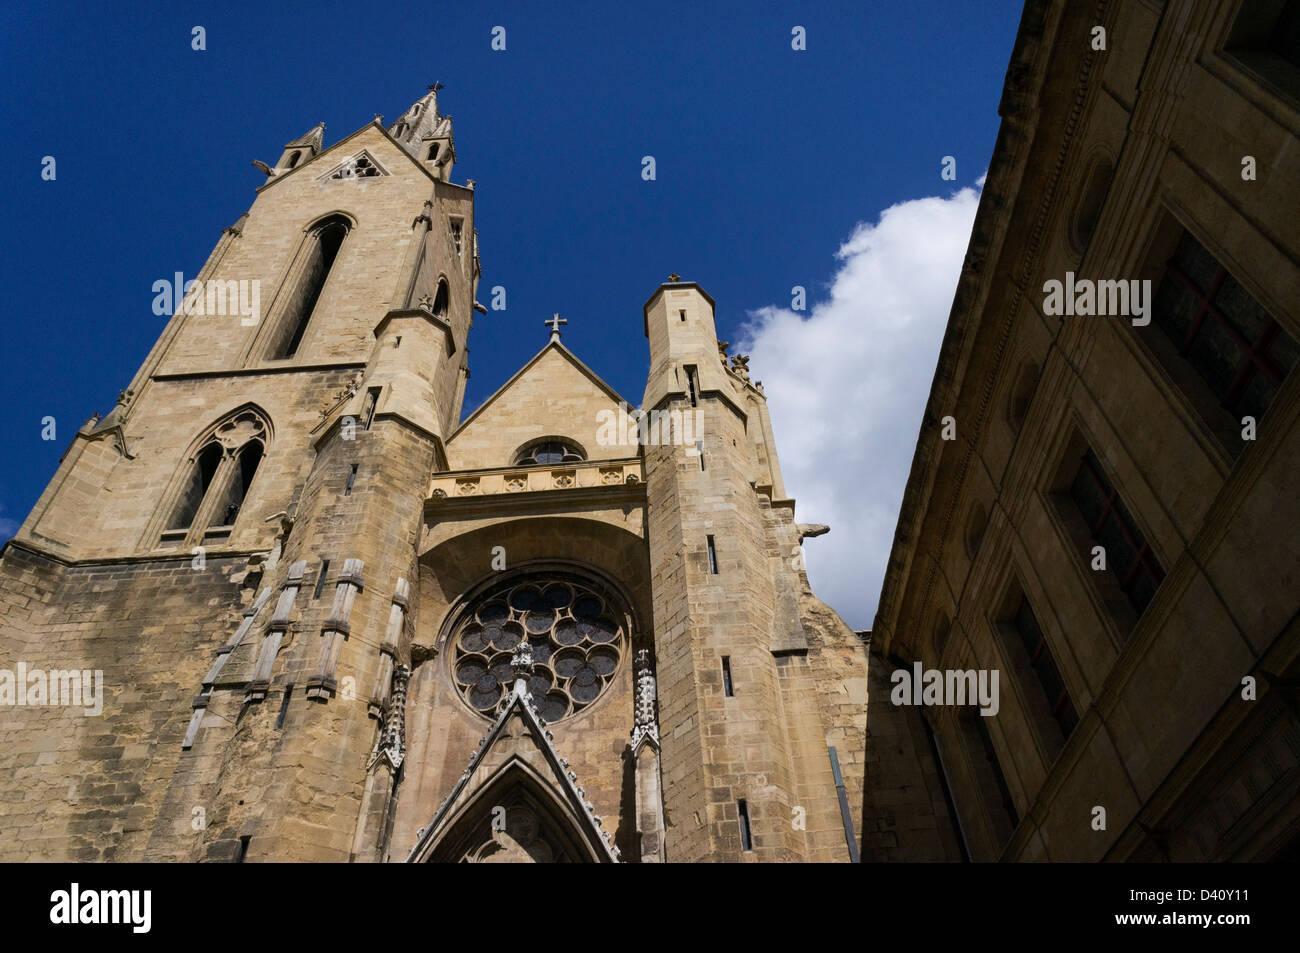 Saint-Jean-de-Malte church, Aix-en-Provence, France - Stock Image